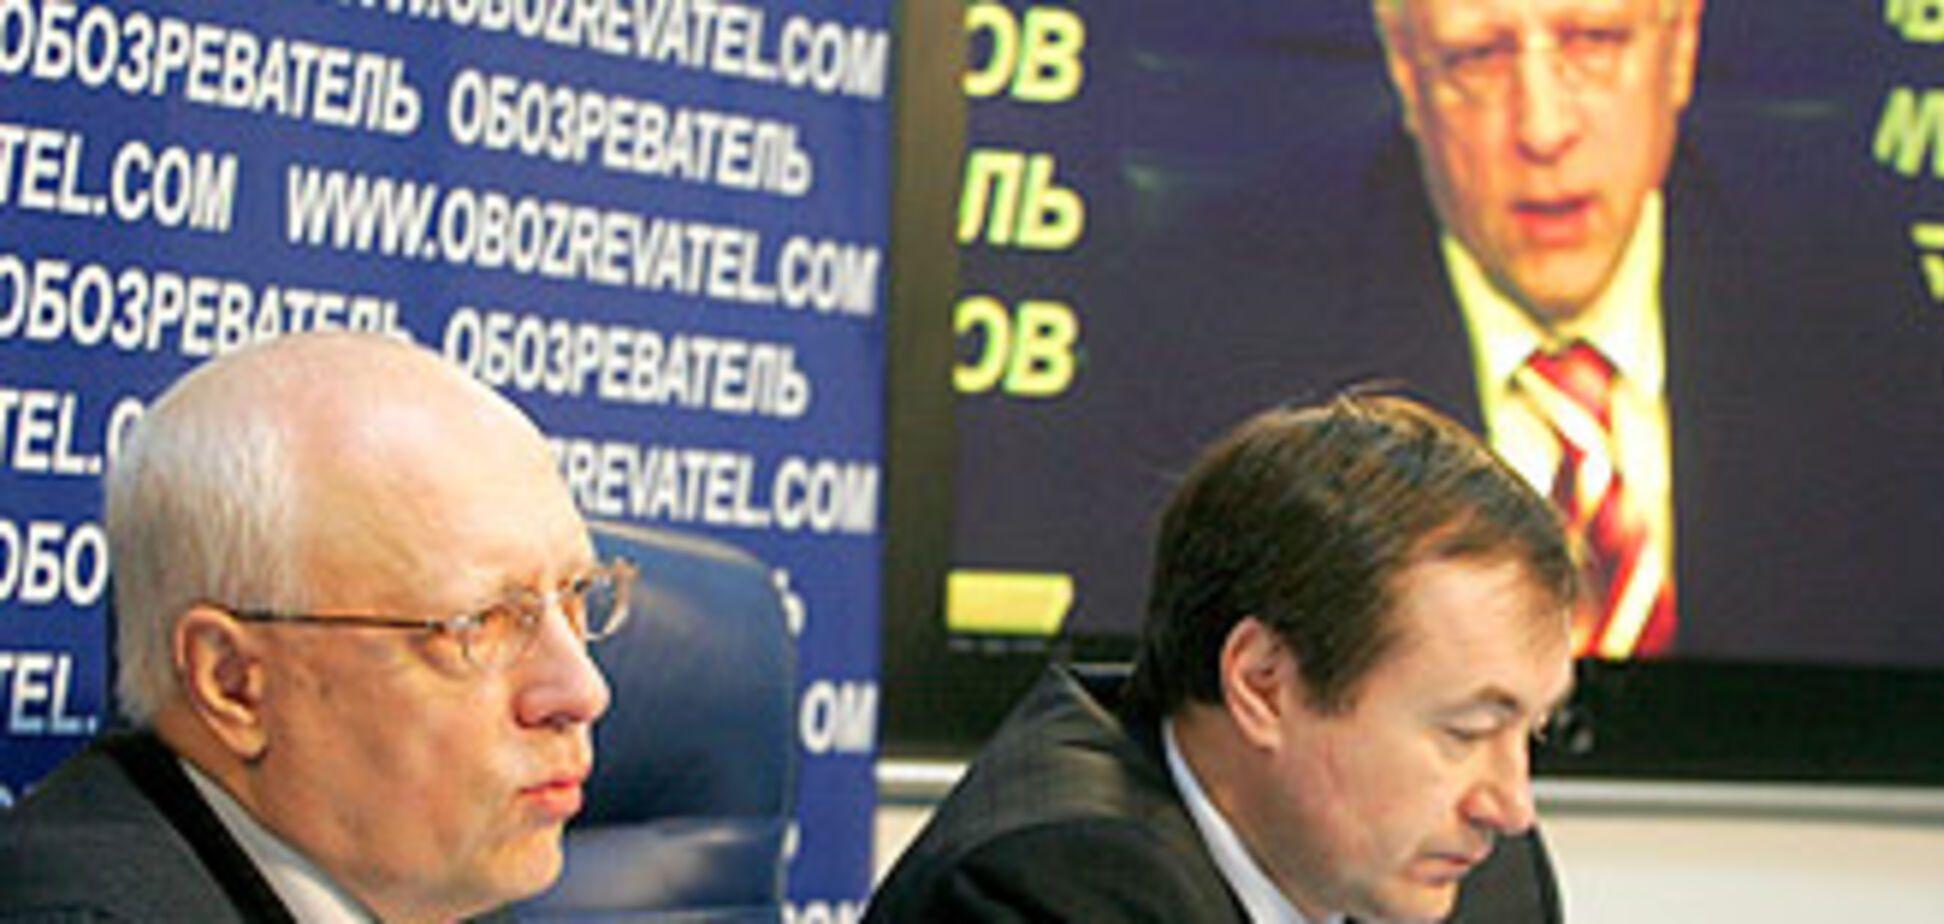 Гривня полностью вытесняется из оборота евро и долларом